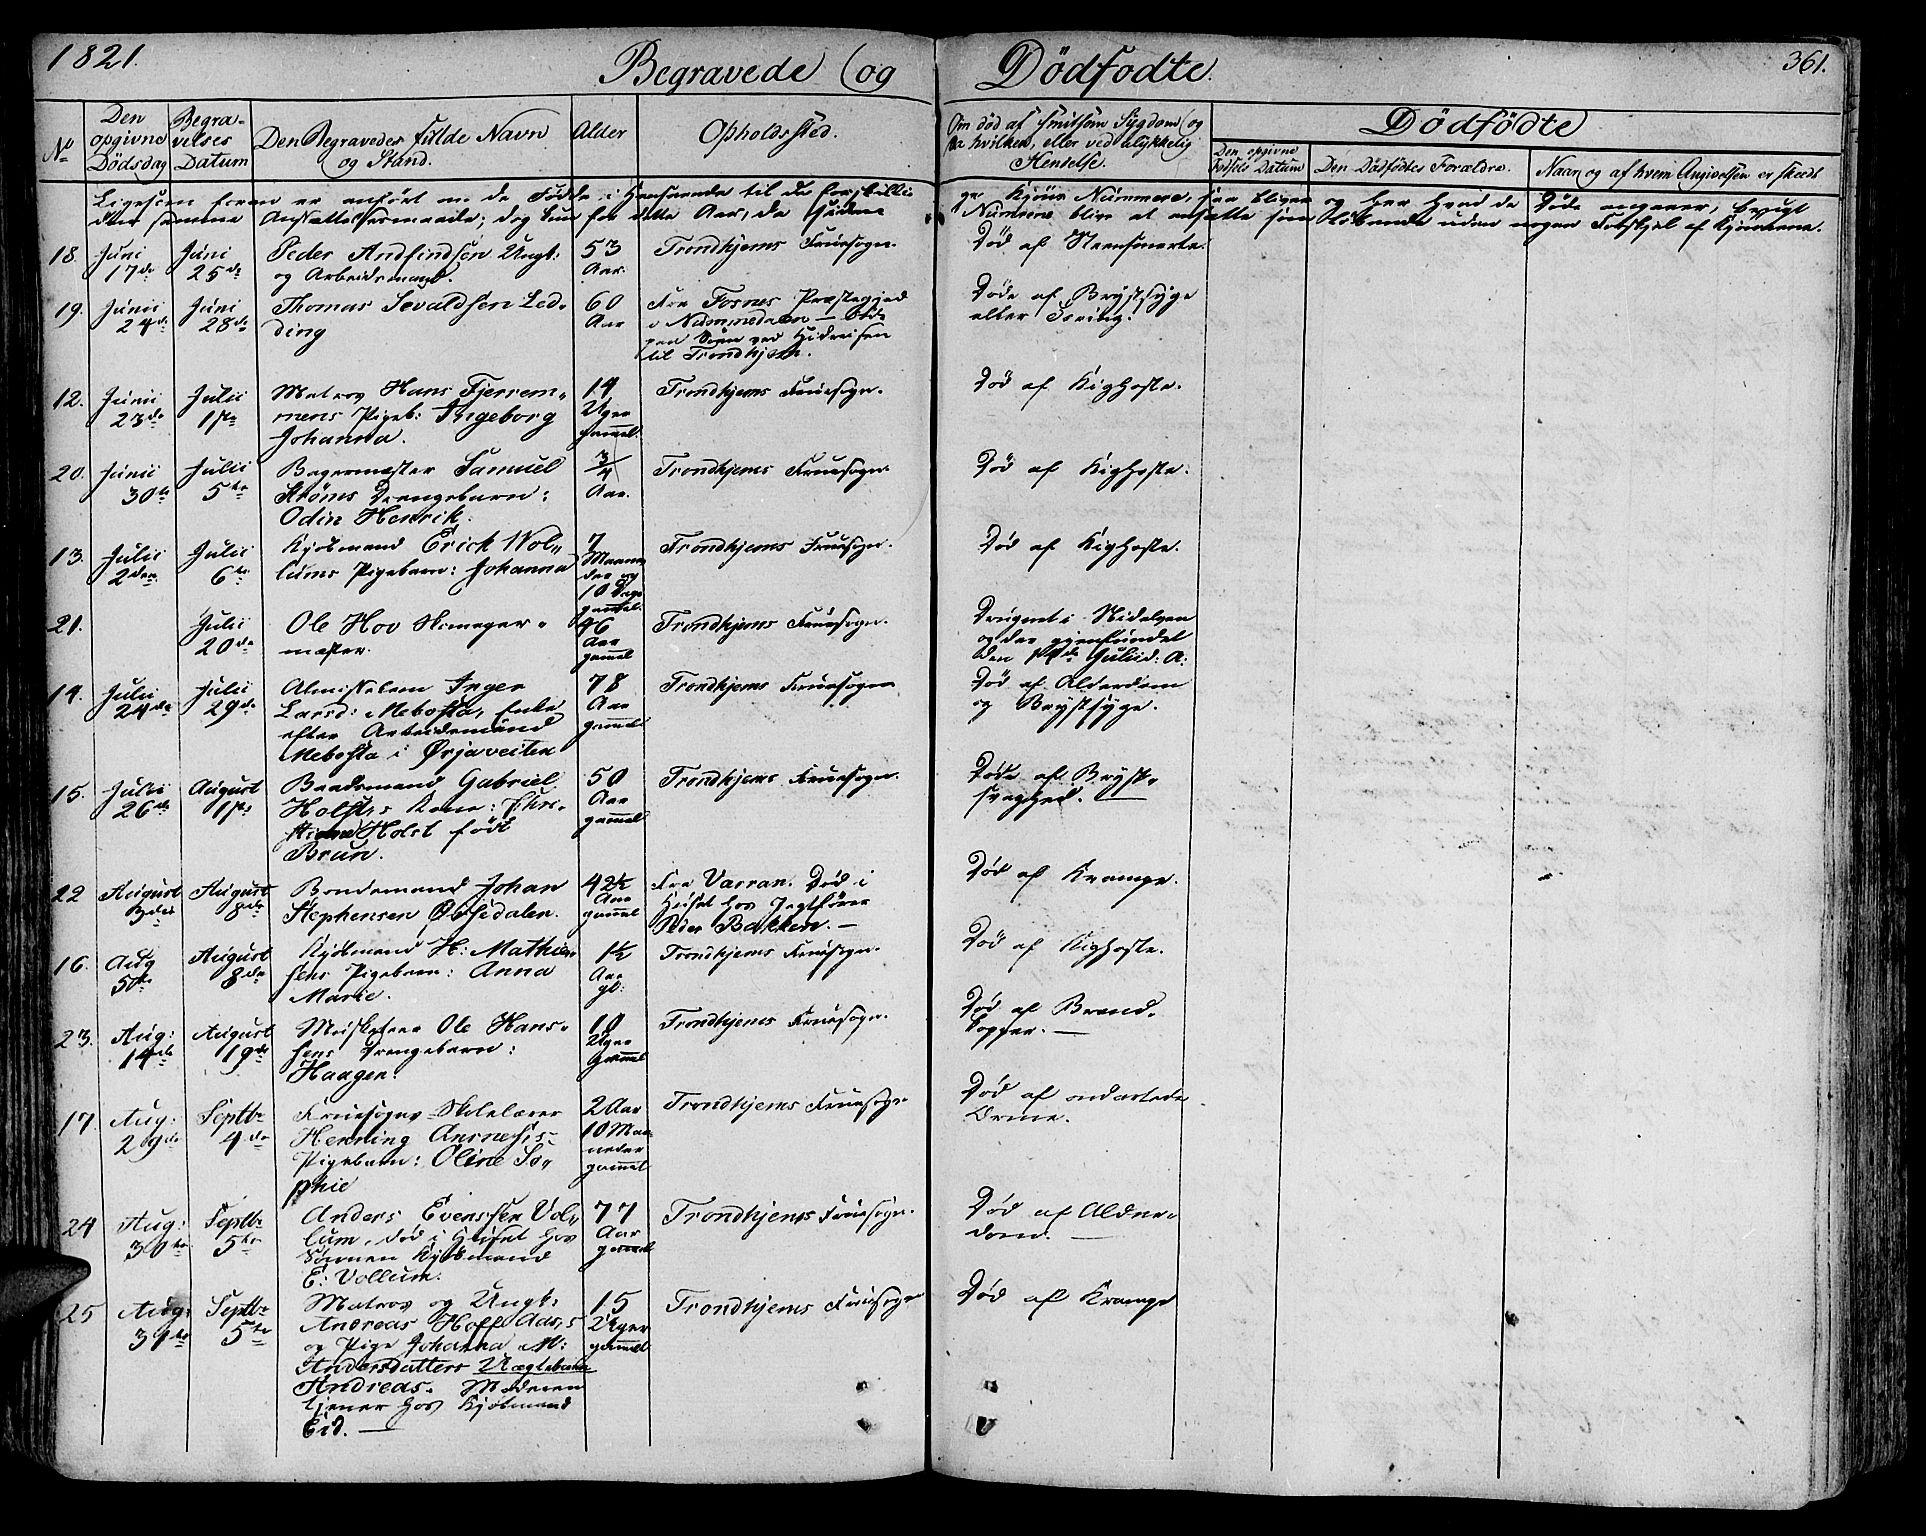 SAT, Ministerialprotokoller, klokkerbøker og fødselsregistre - Sør-Trøndelag, 602/L0109: Ministerialbok nr. 602A07, 1821-1840, s. 361